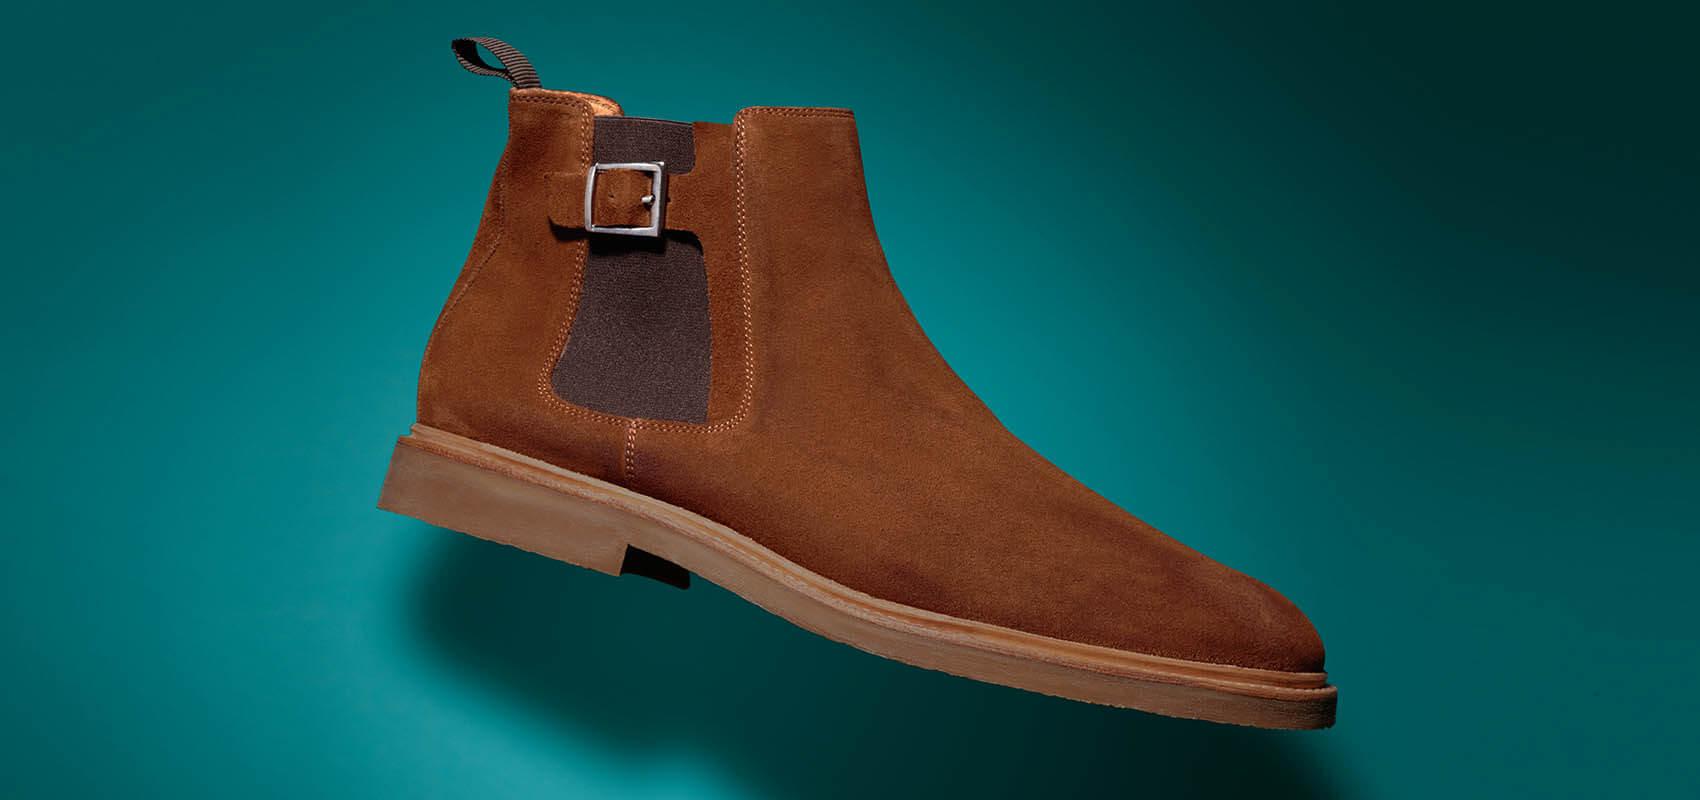 Charles Tyrwhitt Chelsea Boots